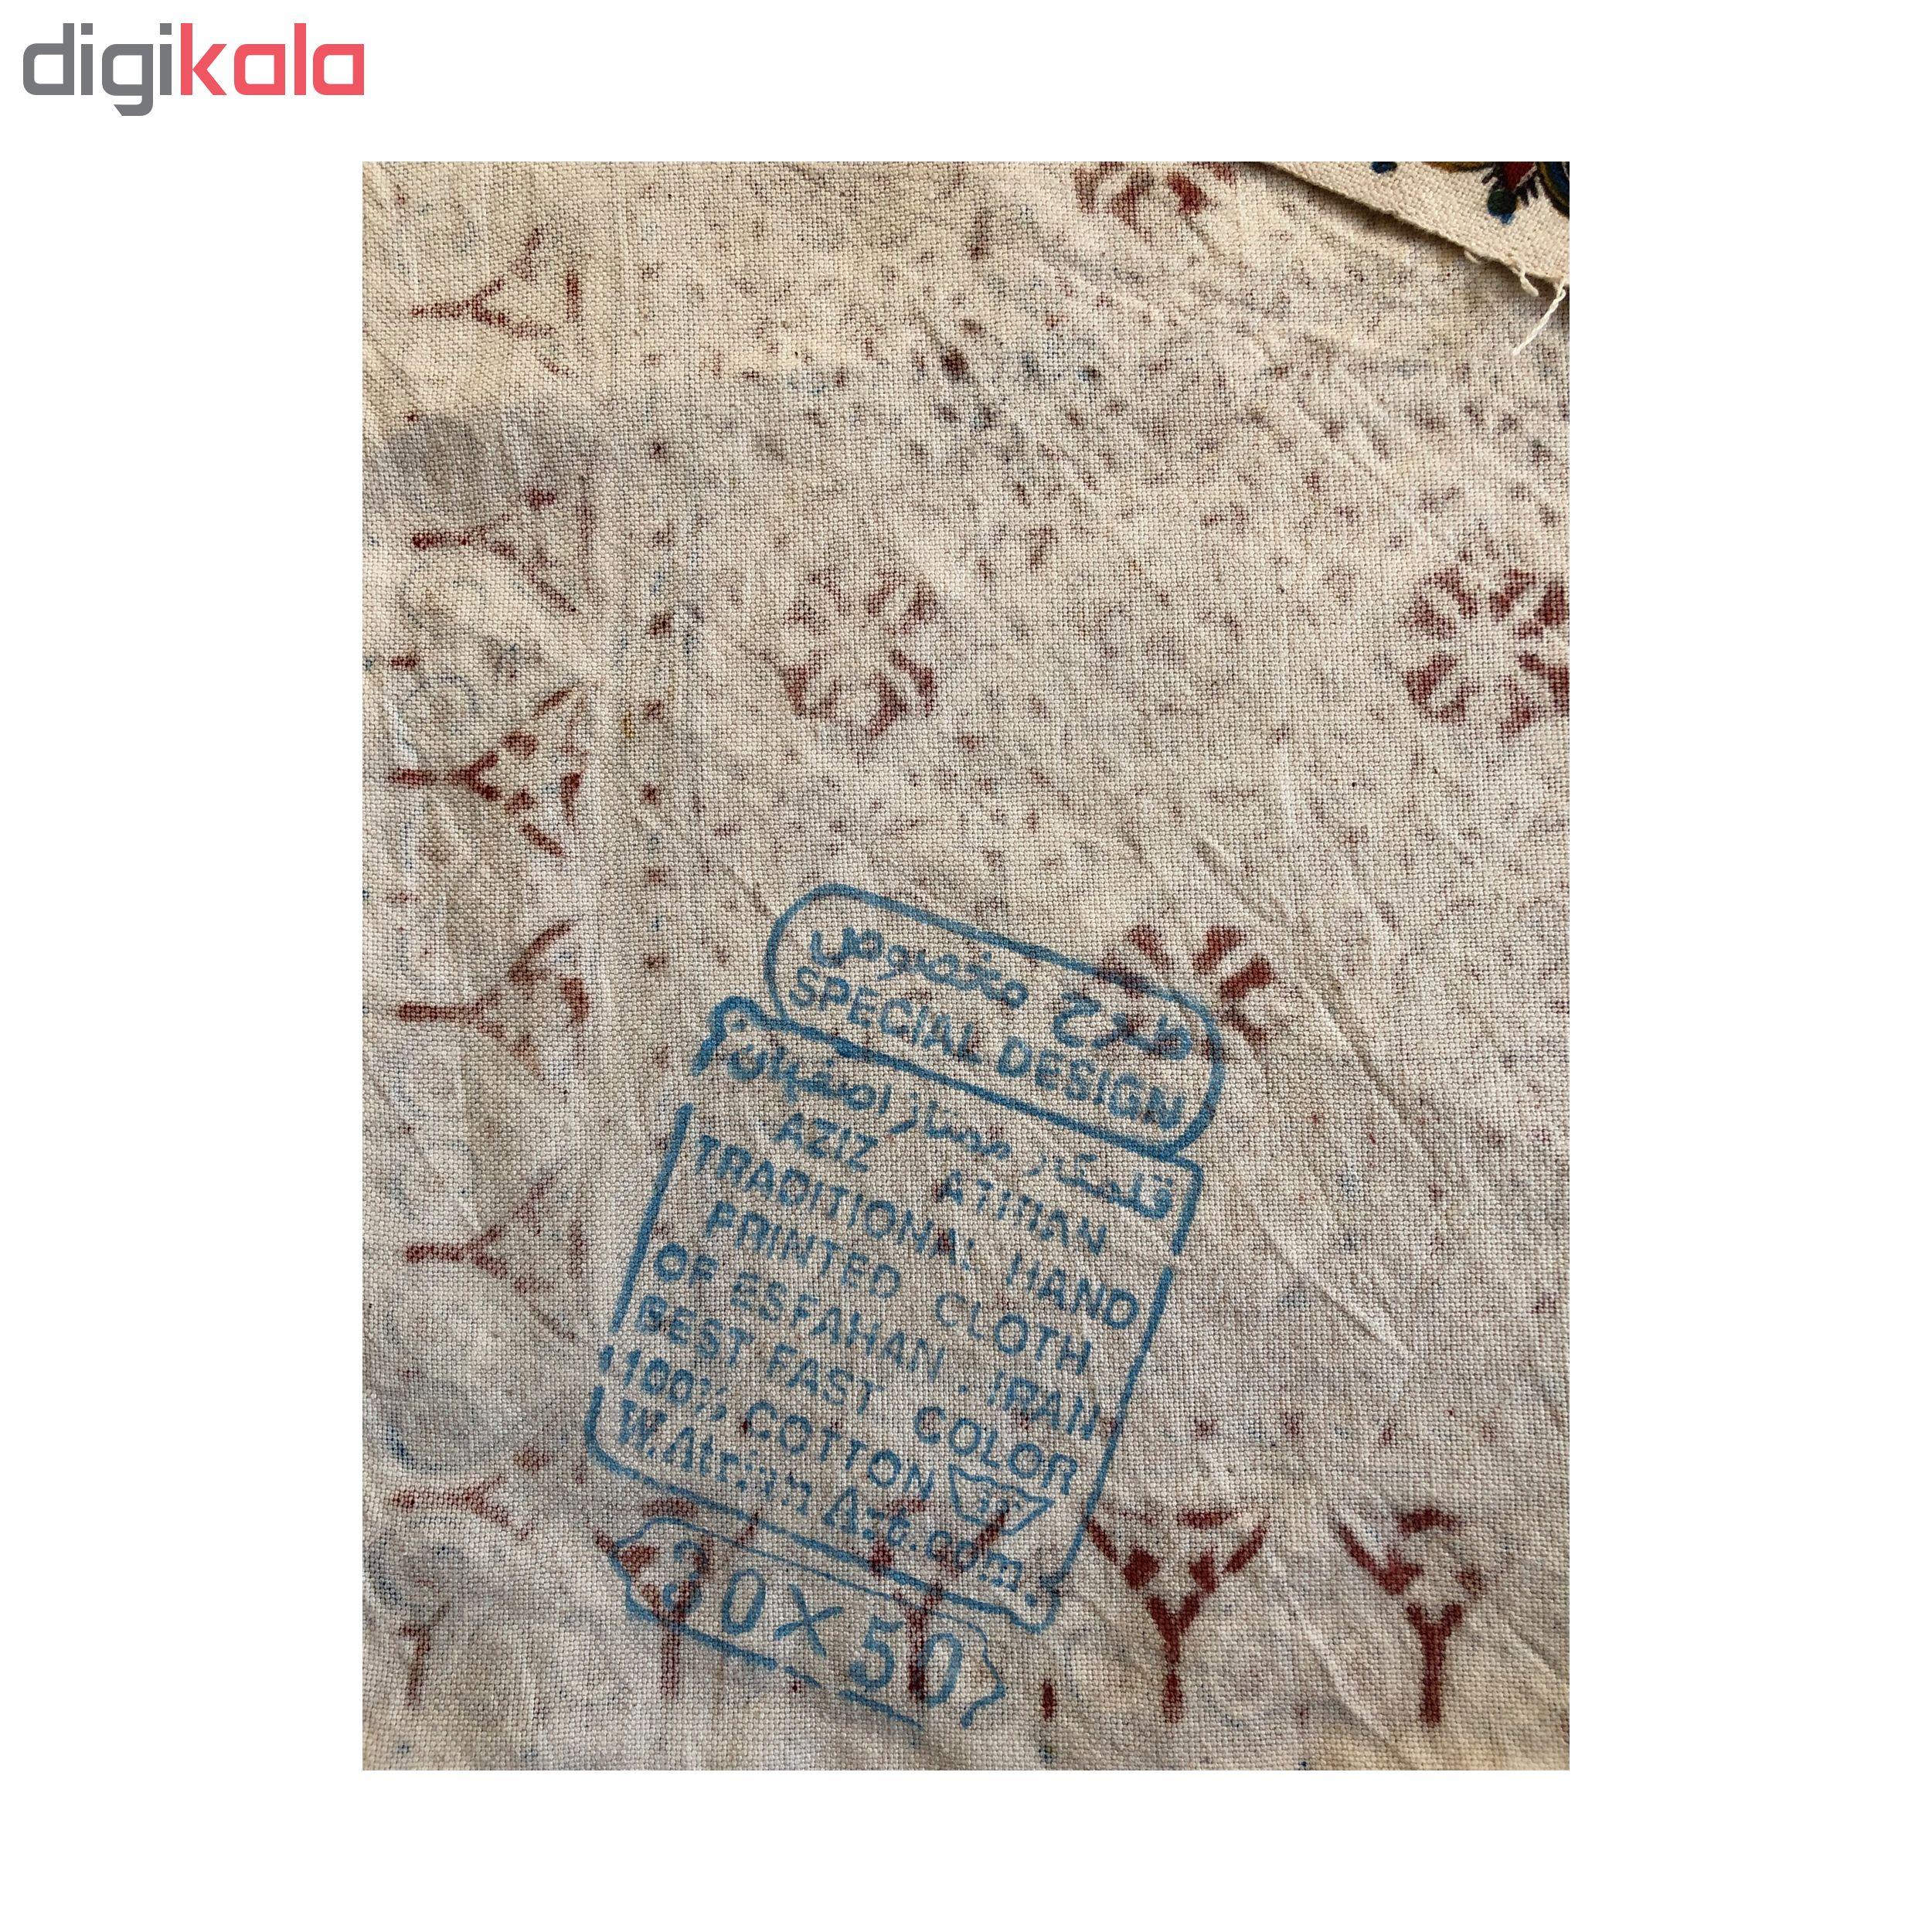 خرید                      رومیزی قلمکار ممتاز اصفهان اثر عطريان طرح بته شویدی مدلG85 سایز 30*50 سانتی متر